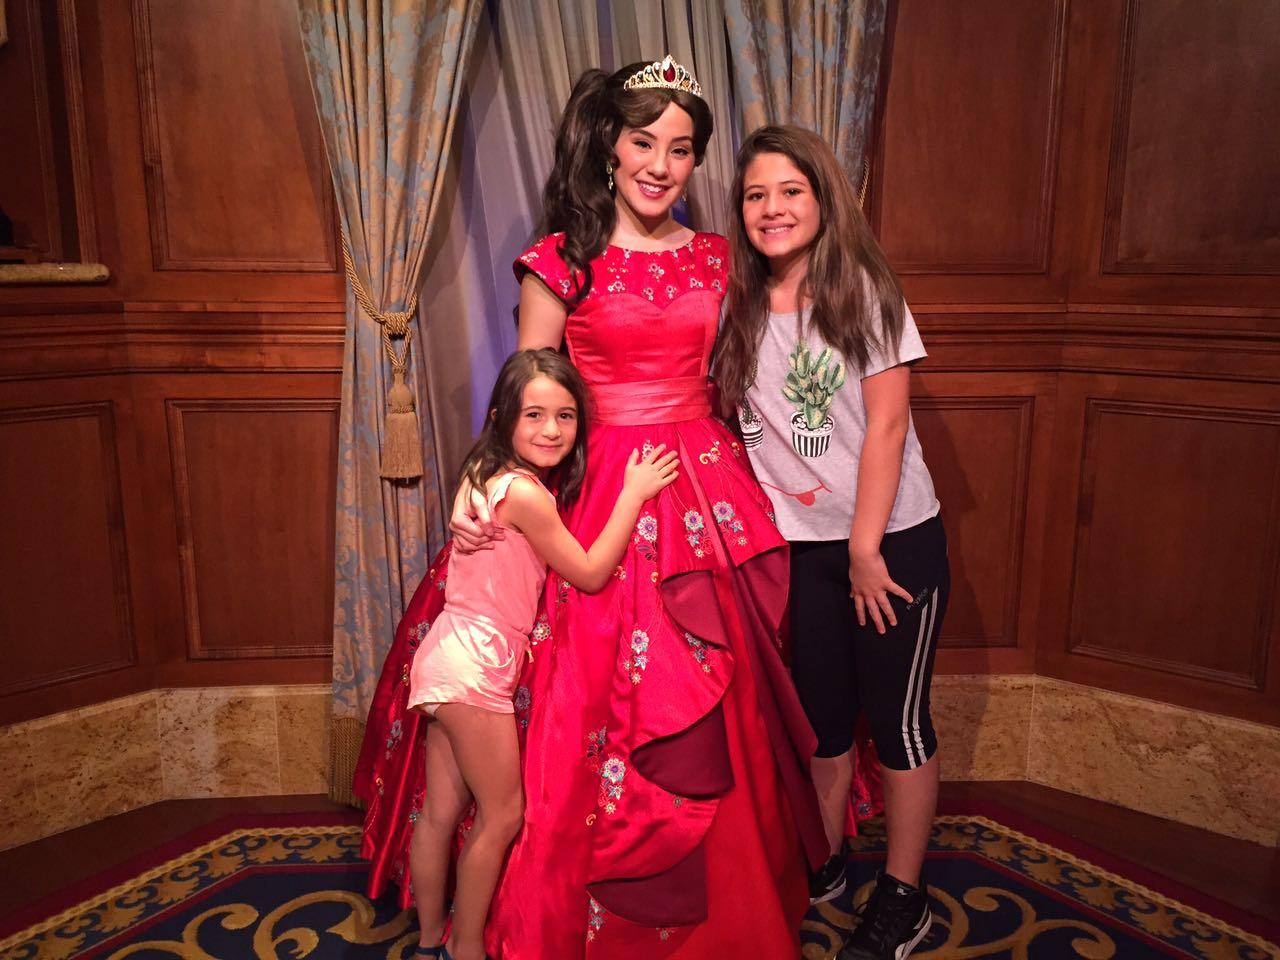 Princesa Elena De Avalor No Magic Kingdom Eu Viajo Com Filhos